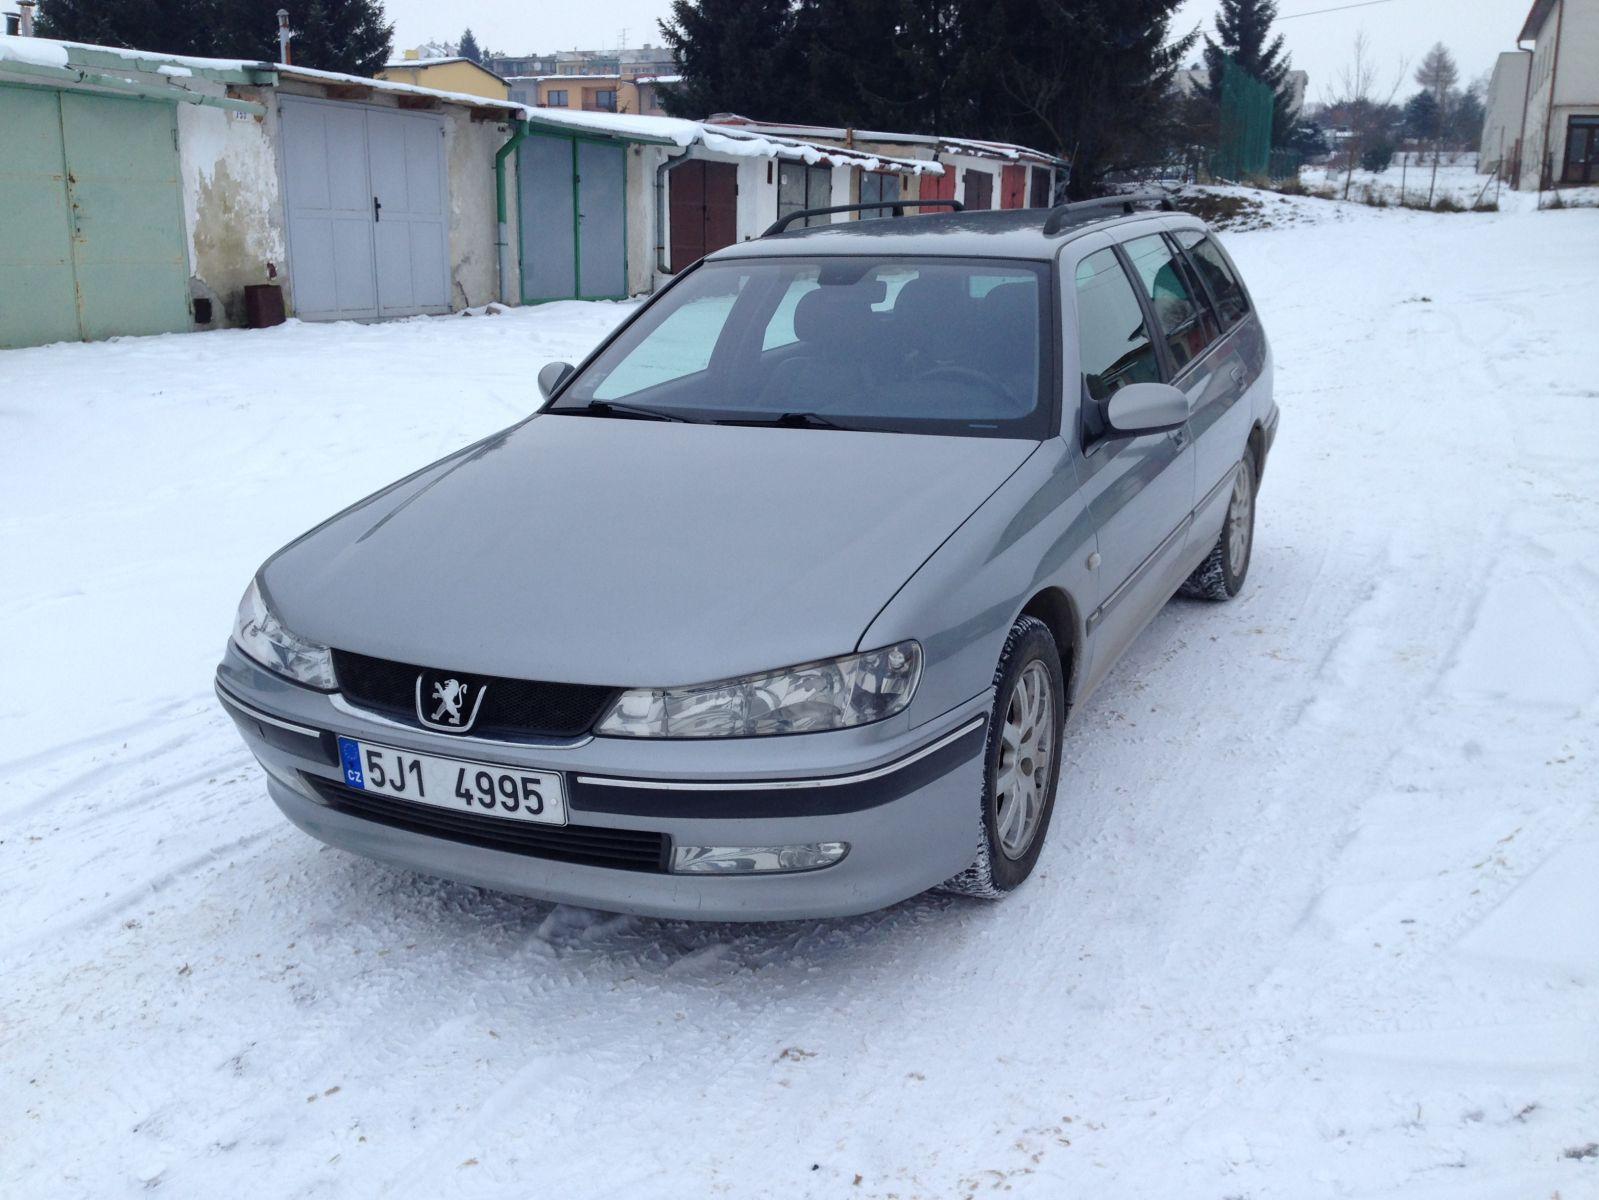 Peugeot 406 2,2 HDI